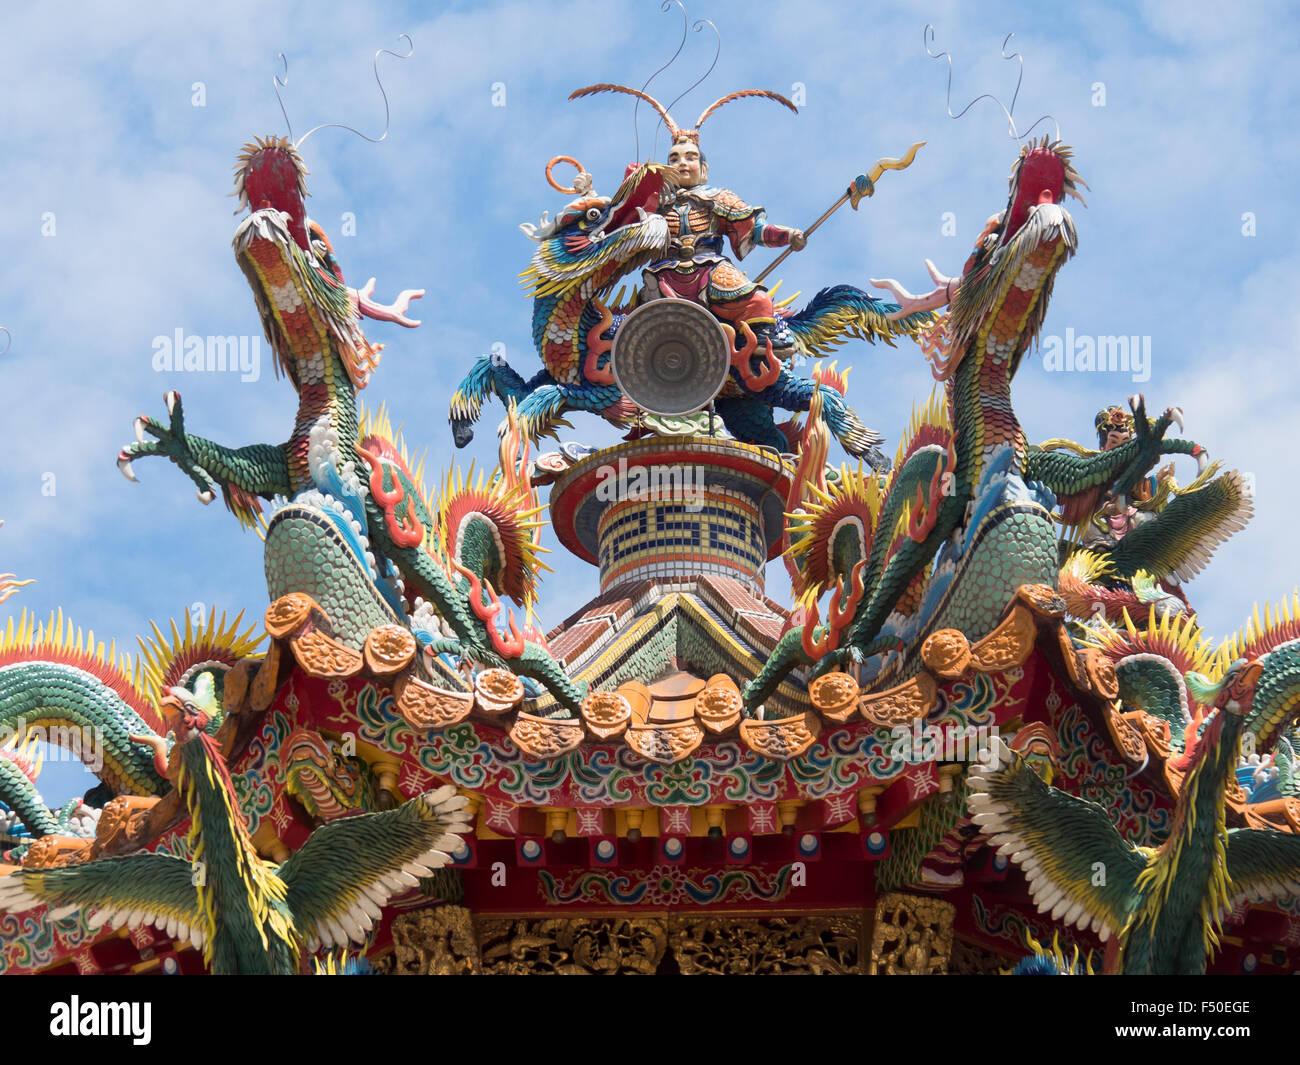 Sculptures mosaïque ornée sur le dessus d'un temple Taoïste à Taiwan Photo Stock